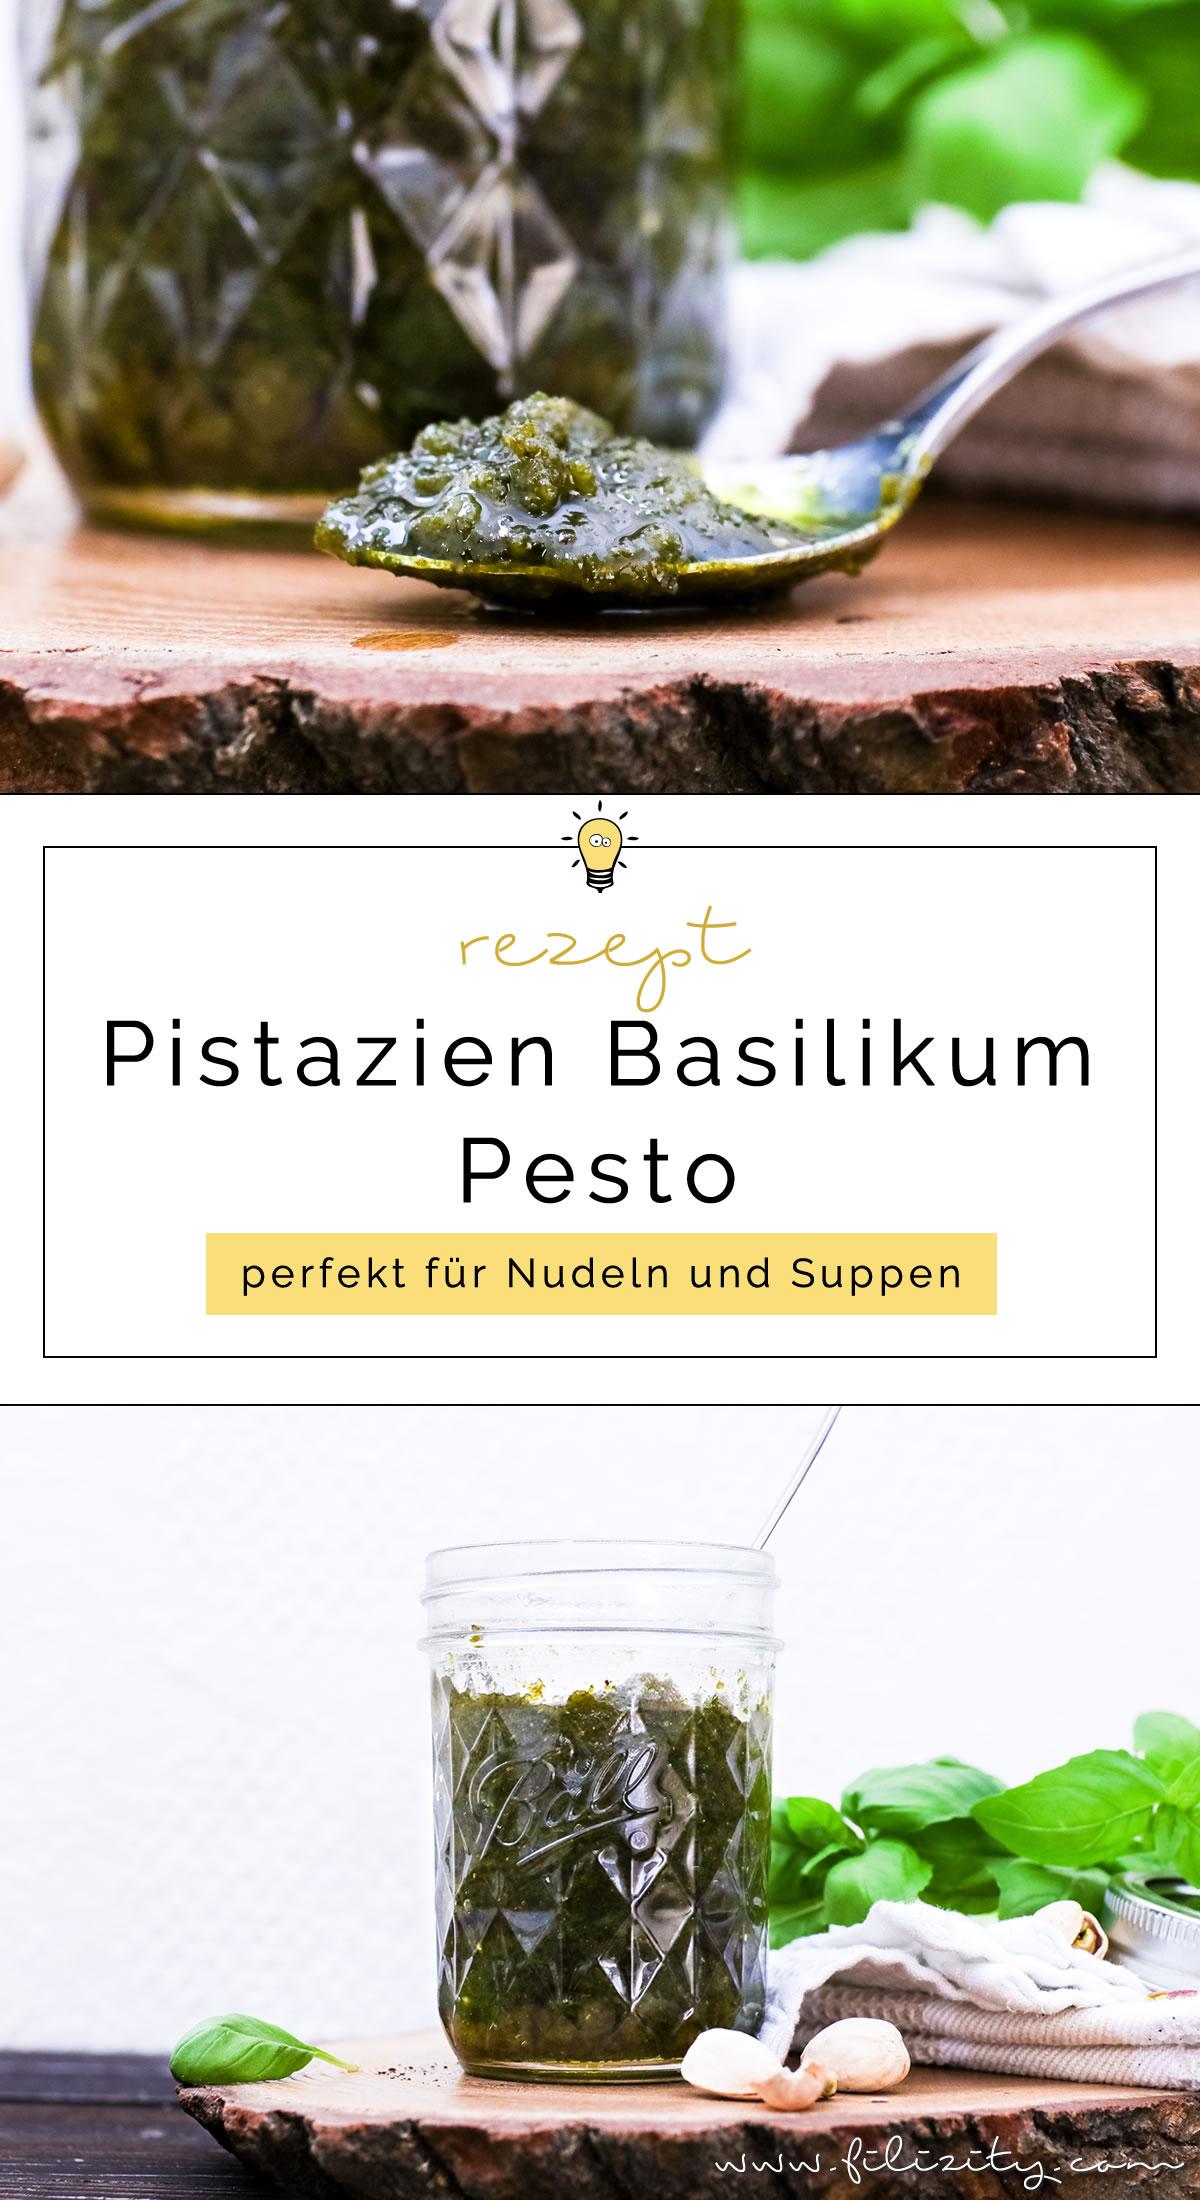 Himmlisches Pesto Rezept: Pistazien-Basilikum-Pesto selber machen | Filizity.com | Food-Blog aus dem Rheinland